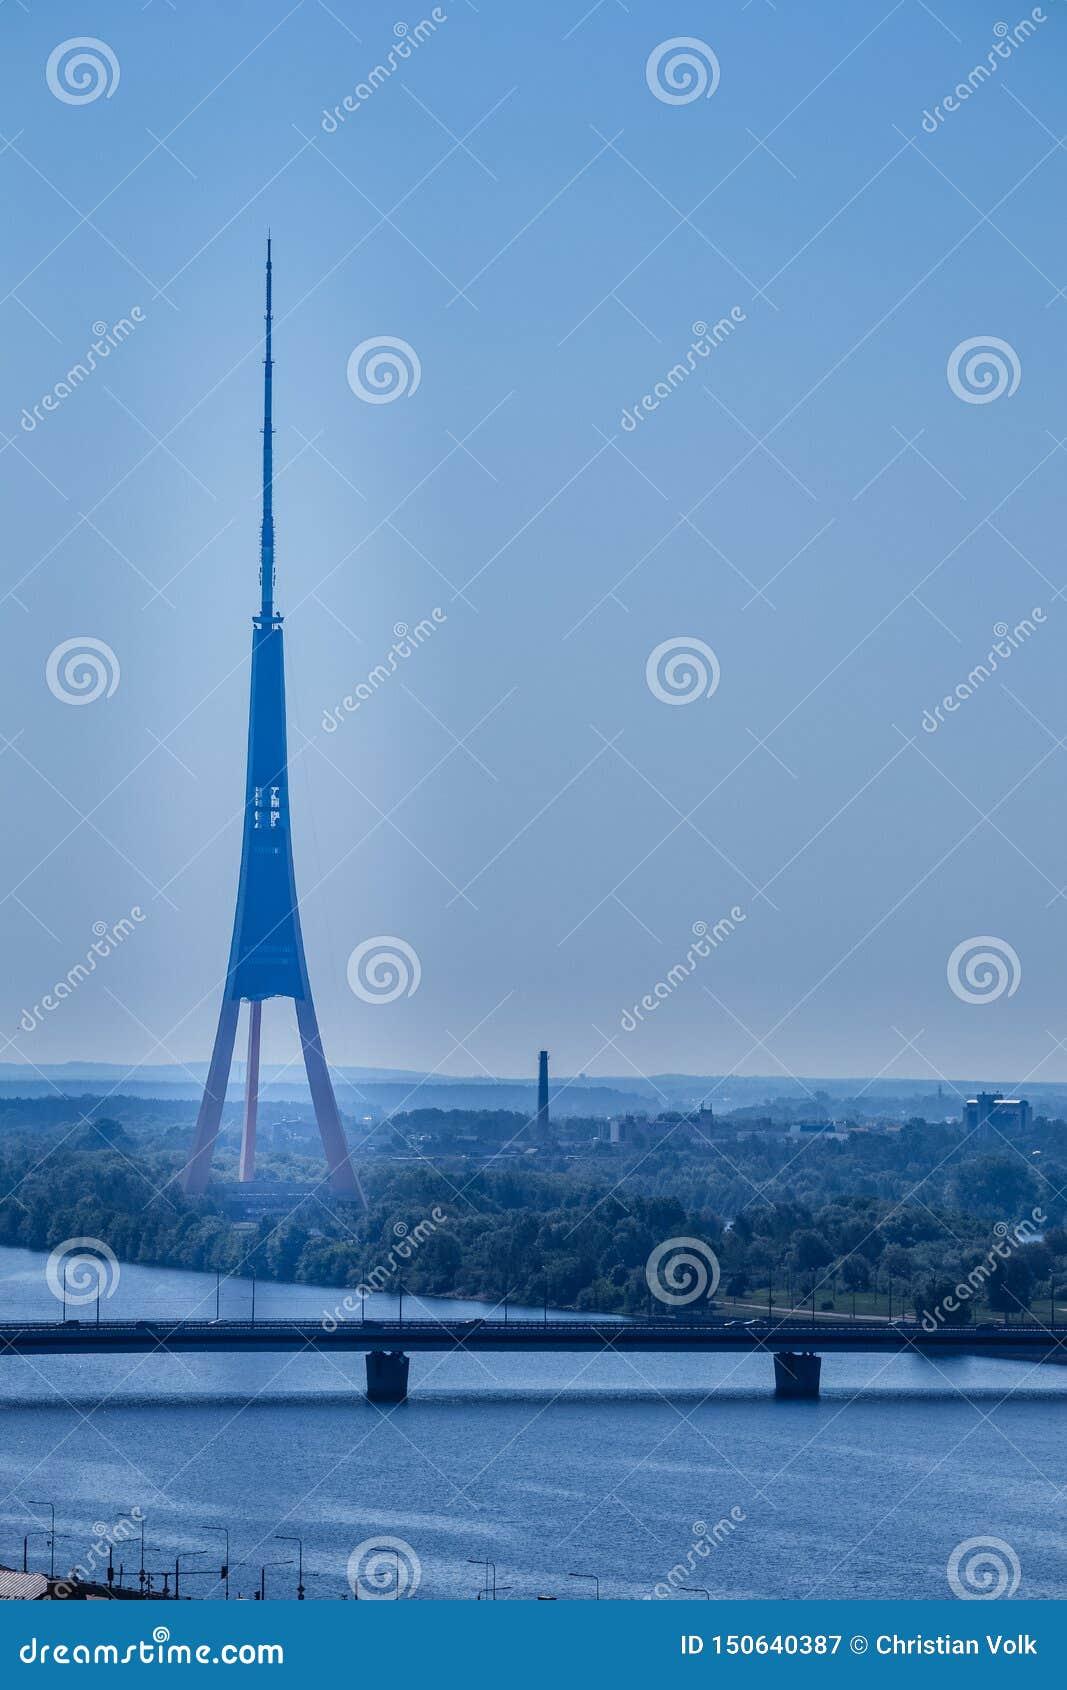 The TV tower of Riga, Latvia.